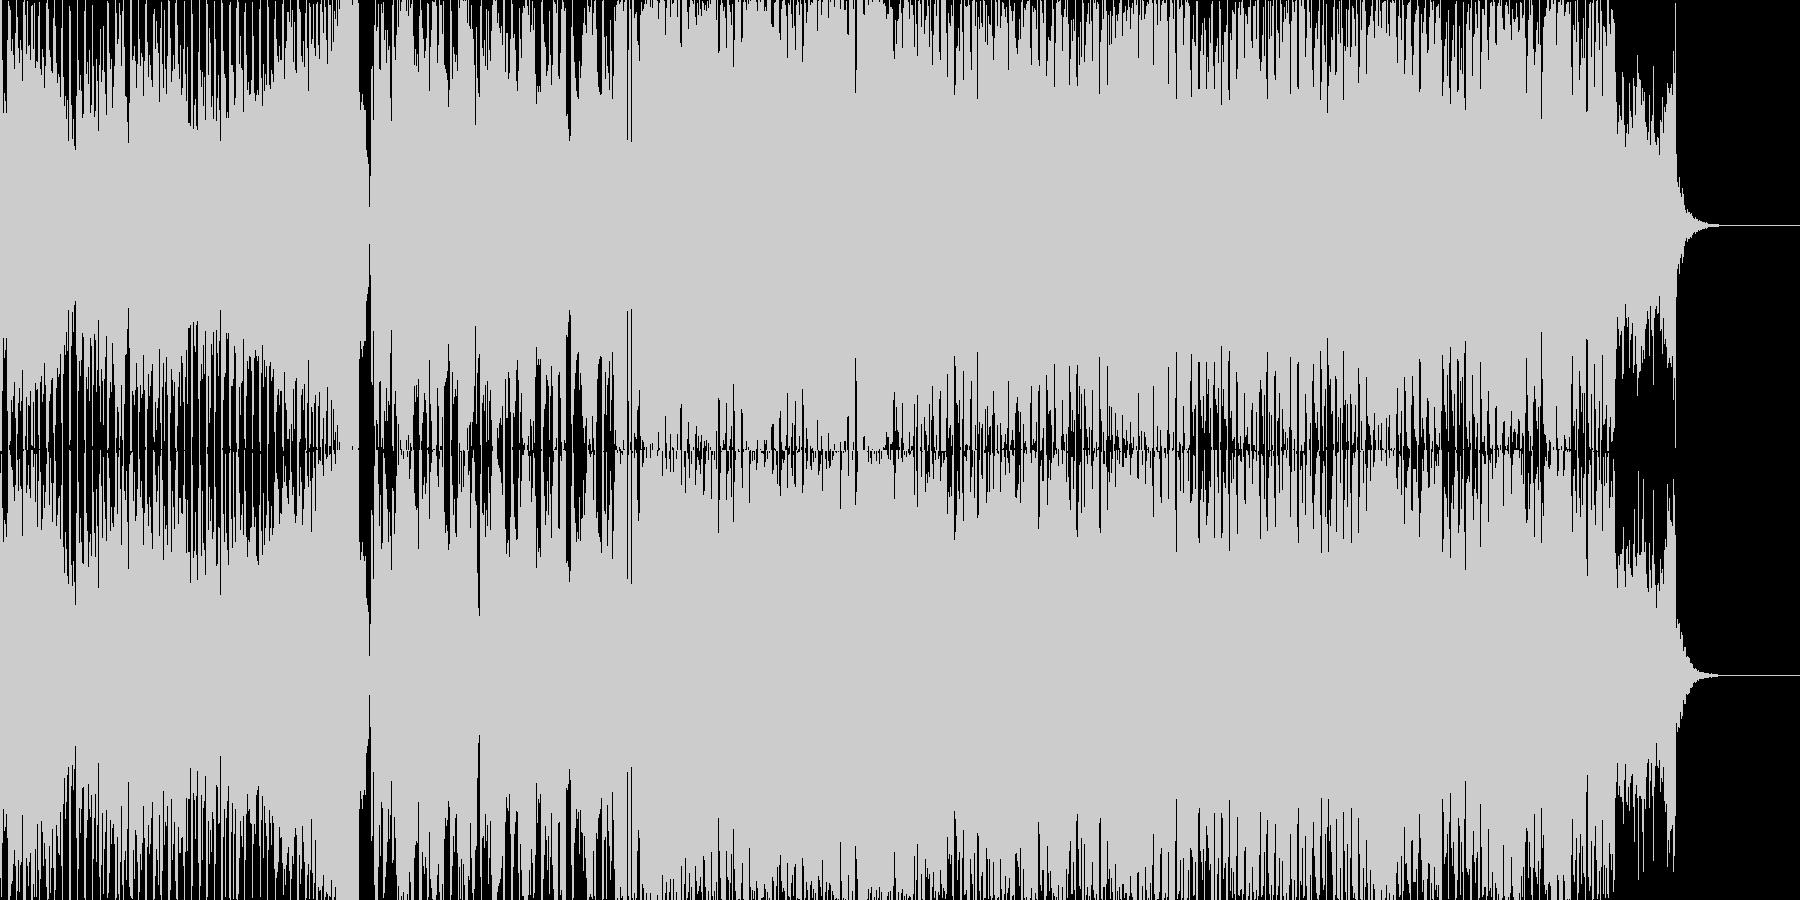 かっこ四分打ちEDM VOサンプル入りの未再生の波形